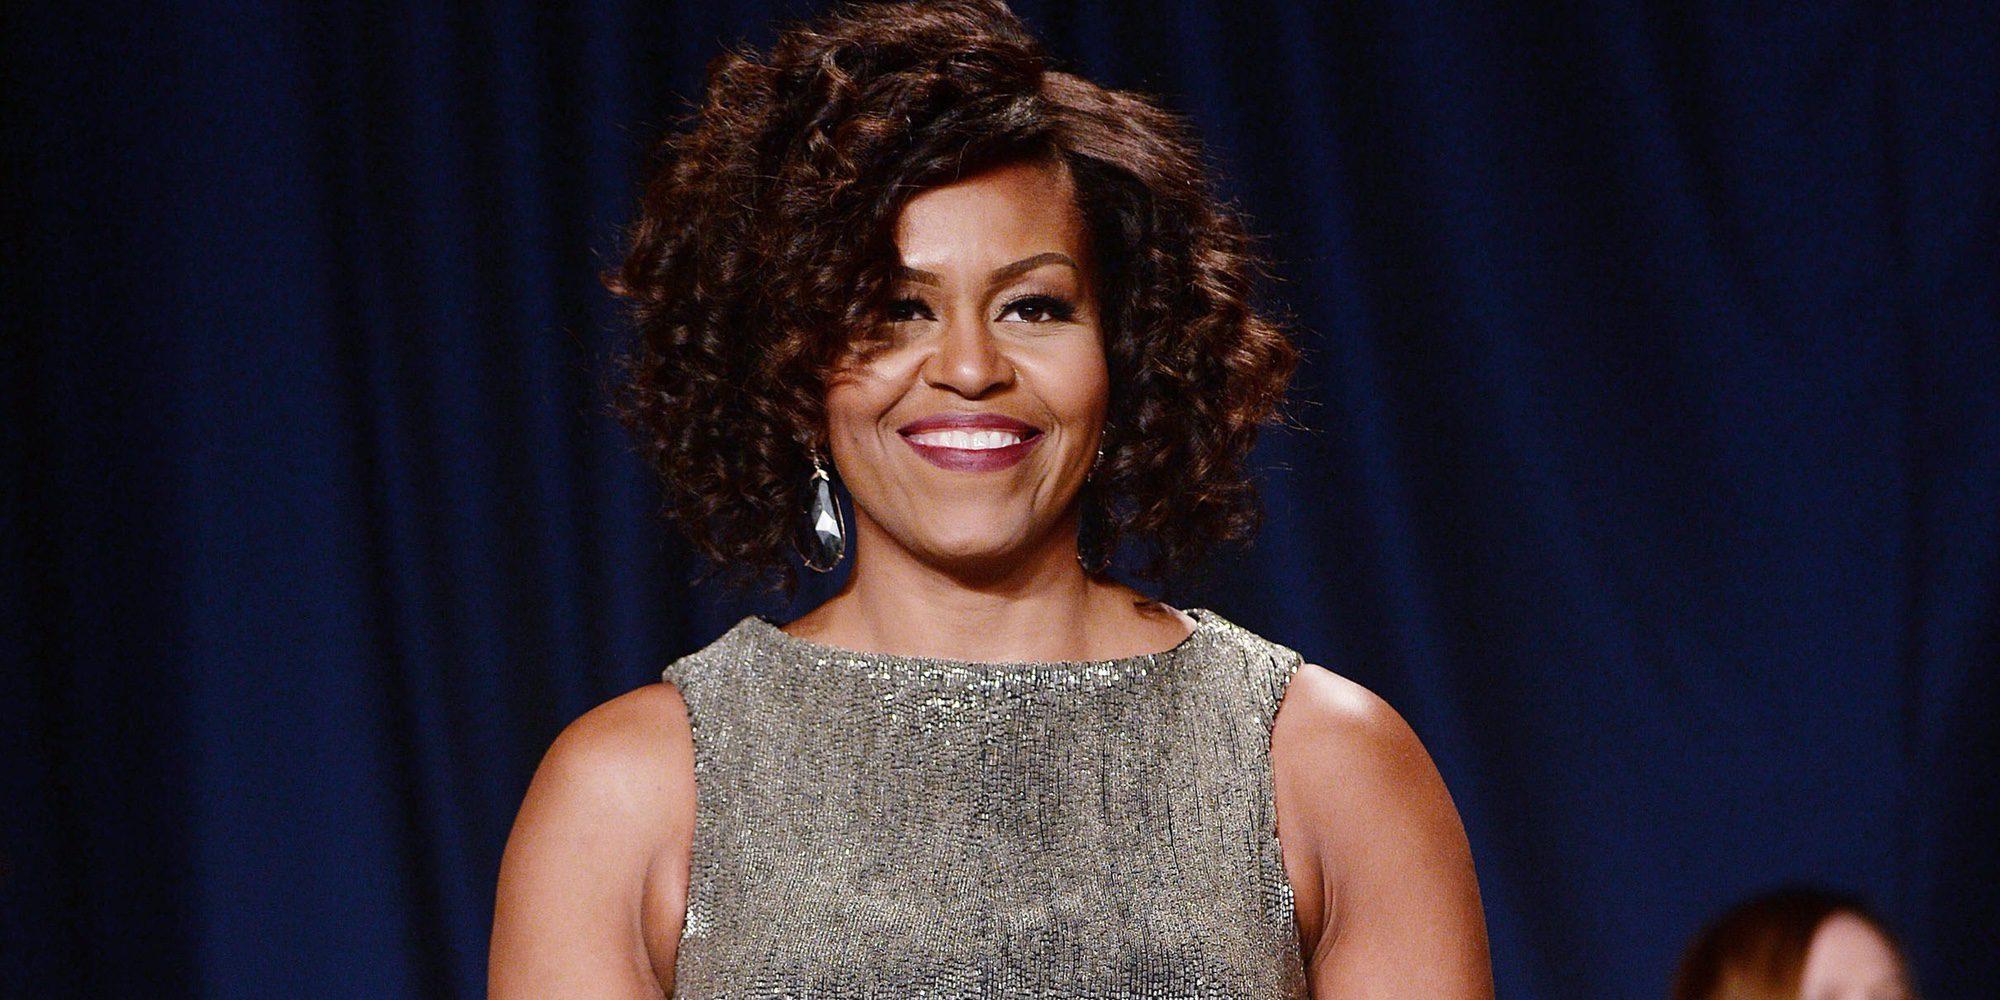 Michelle Obama dice adiós a su cargo de Primera Dama posando en la portada de Vogue